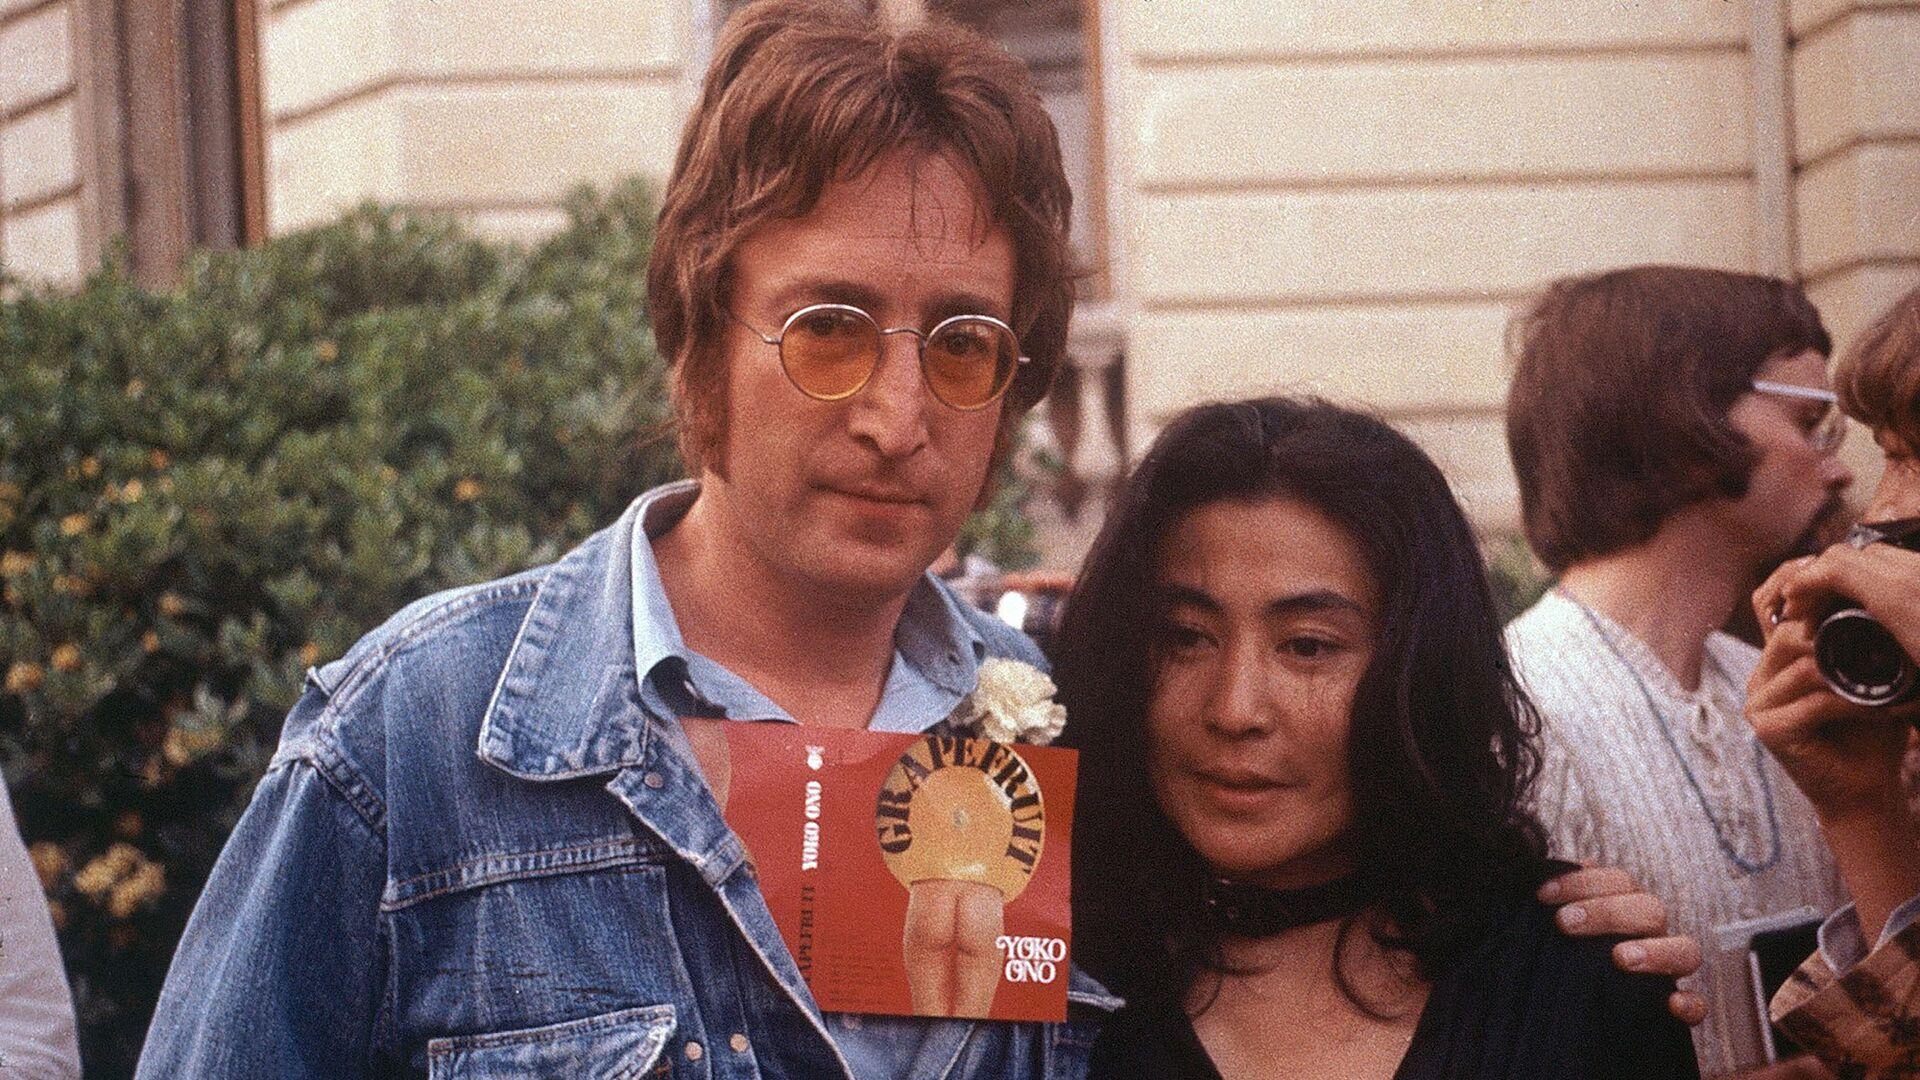 Джон Леннон и его жена Йоко Оно во время Каннского кинофестиваля, 18 мая 1971 год - РИА Новости, 1920, 22.09.2020